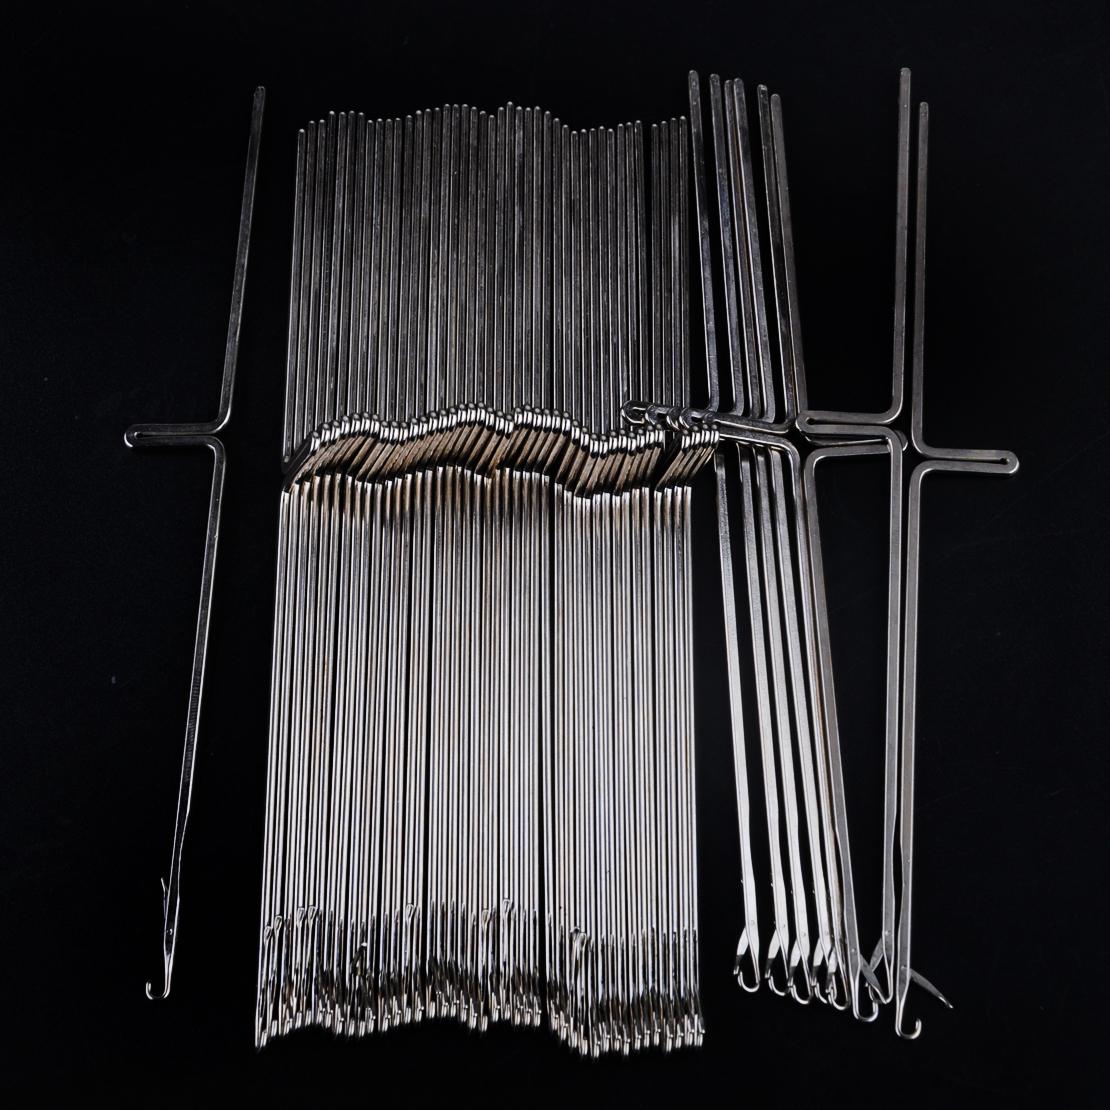 50 Aiguille pour Silver Reed chanteuse studio machine à tricoter SK280 SK360 SK580 SK840